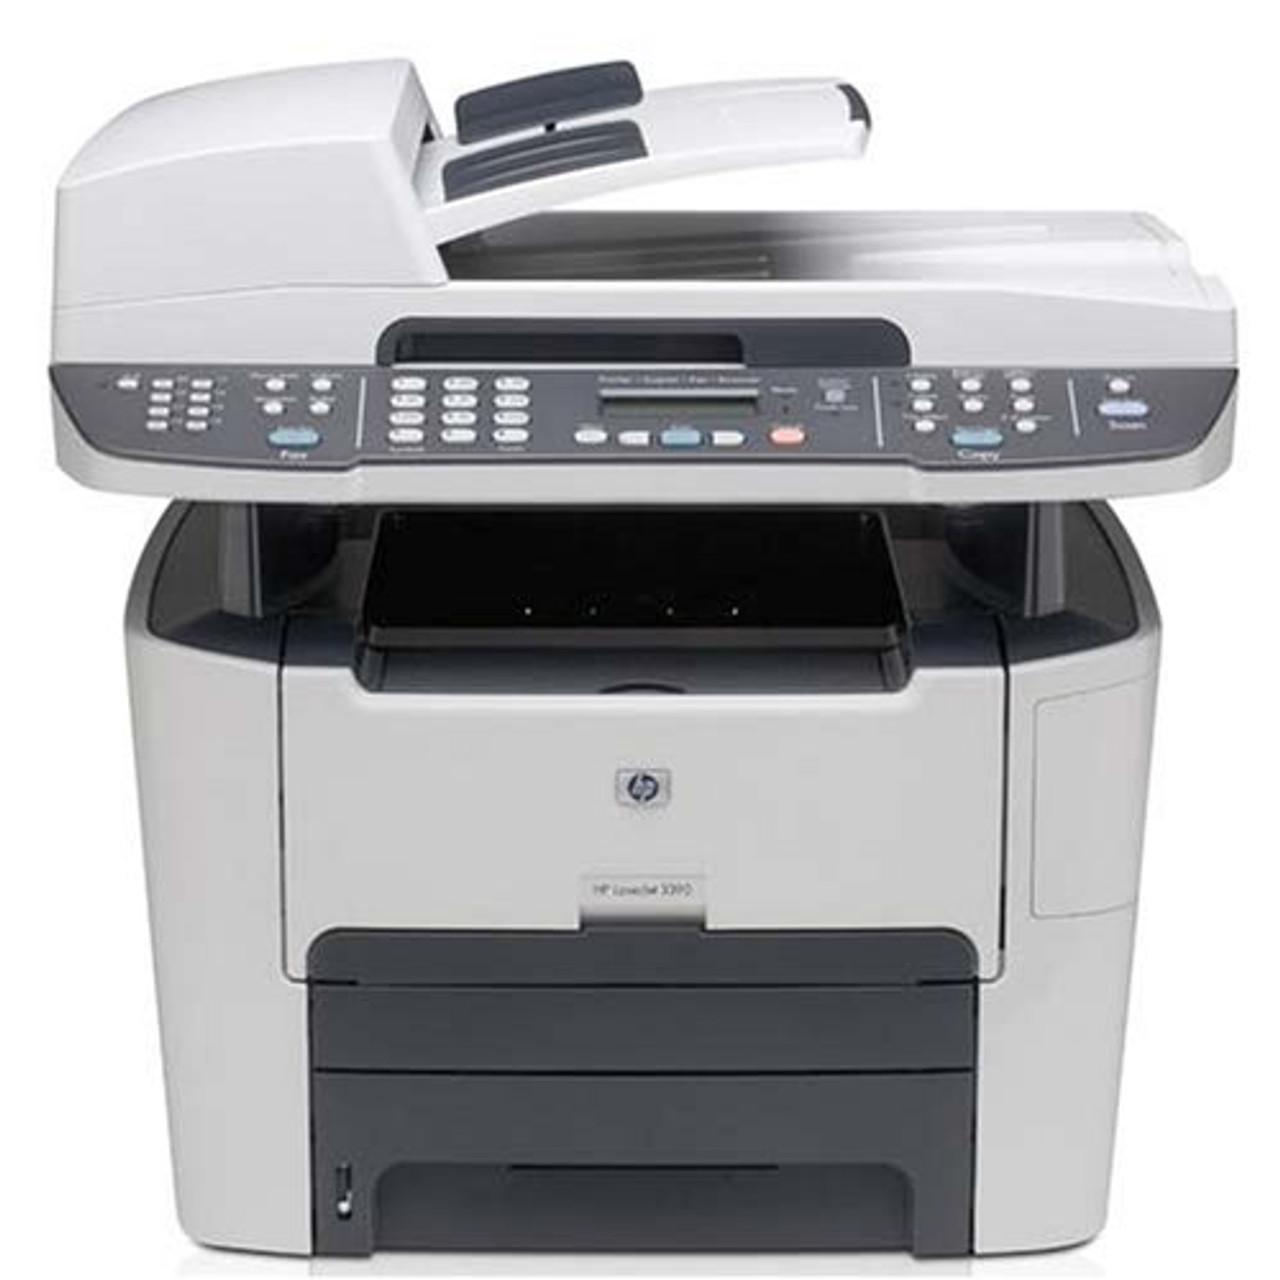 HP LaserJet 3390 MFP - Q6500A - HP Laser Printer for sale